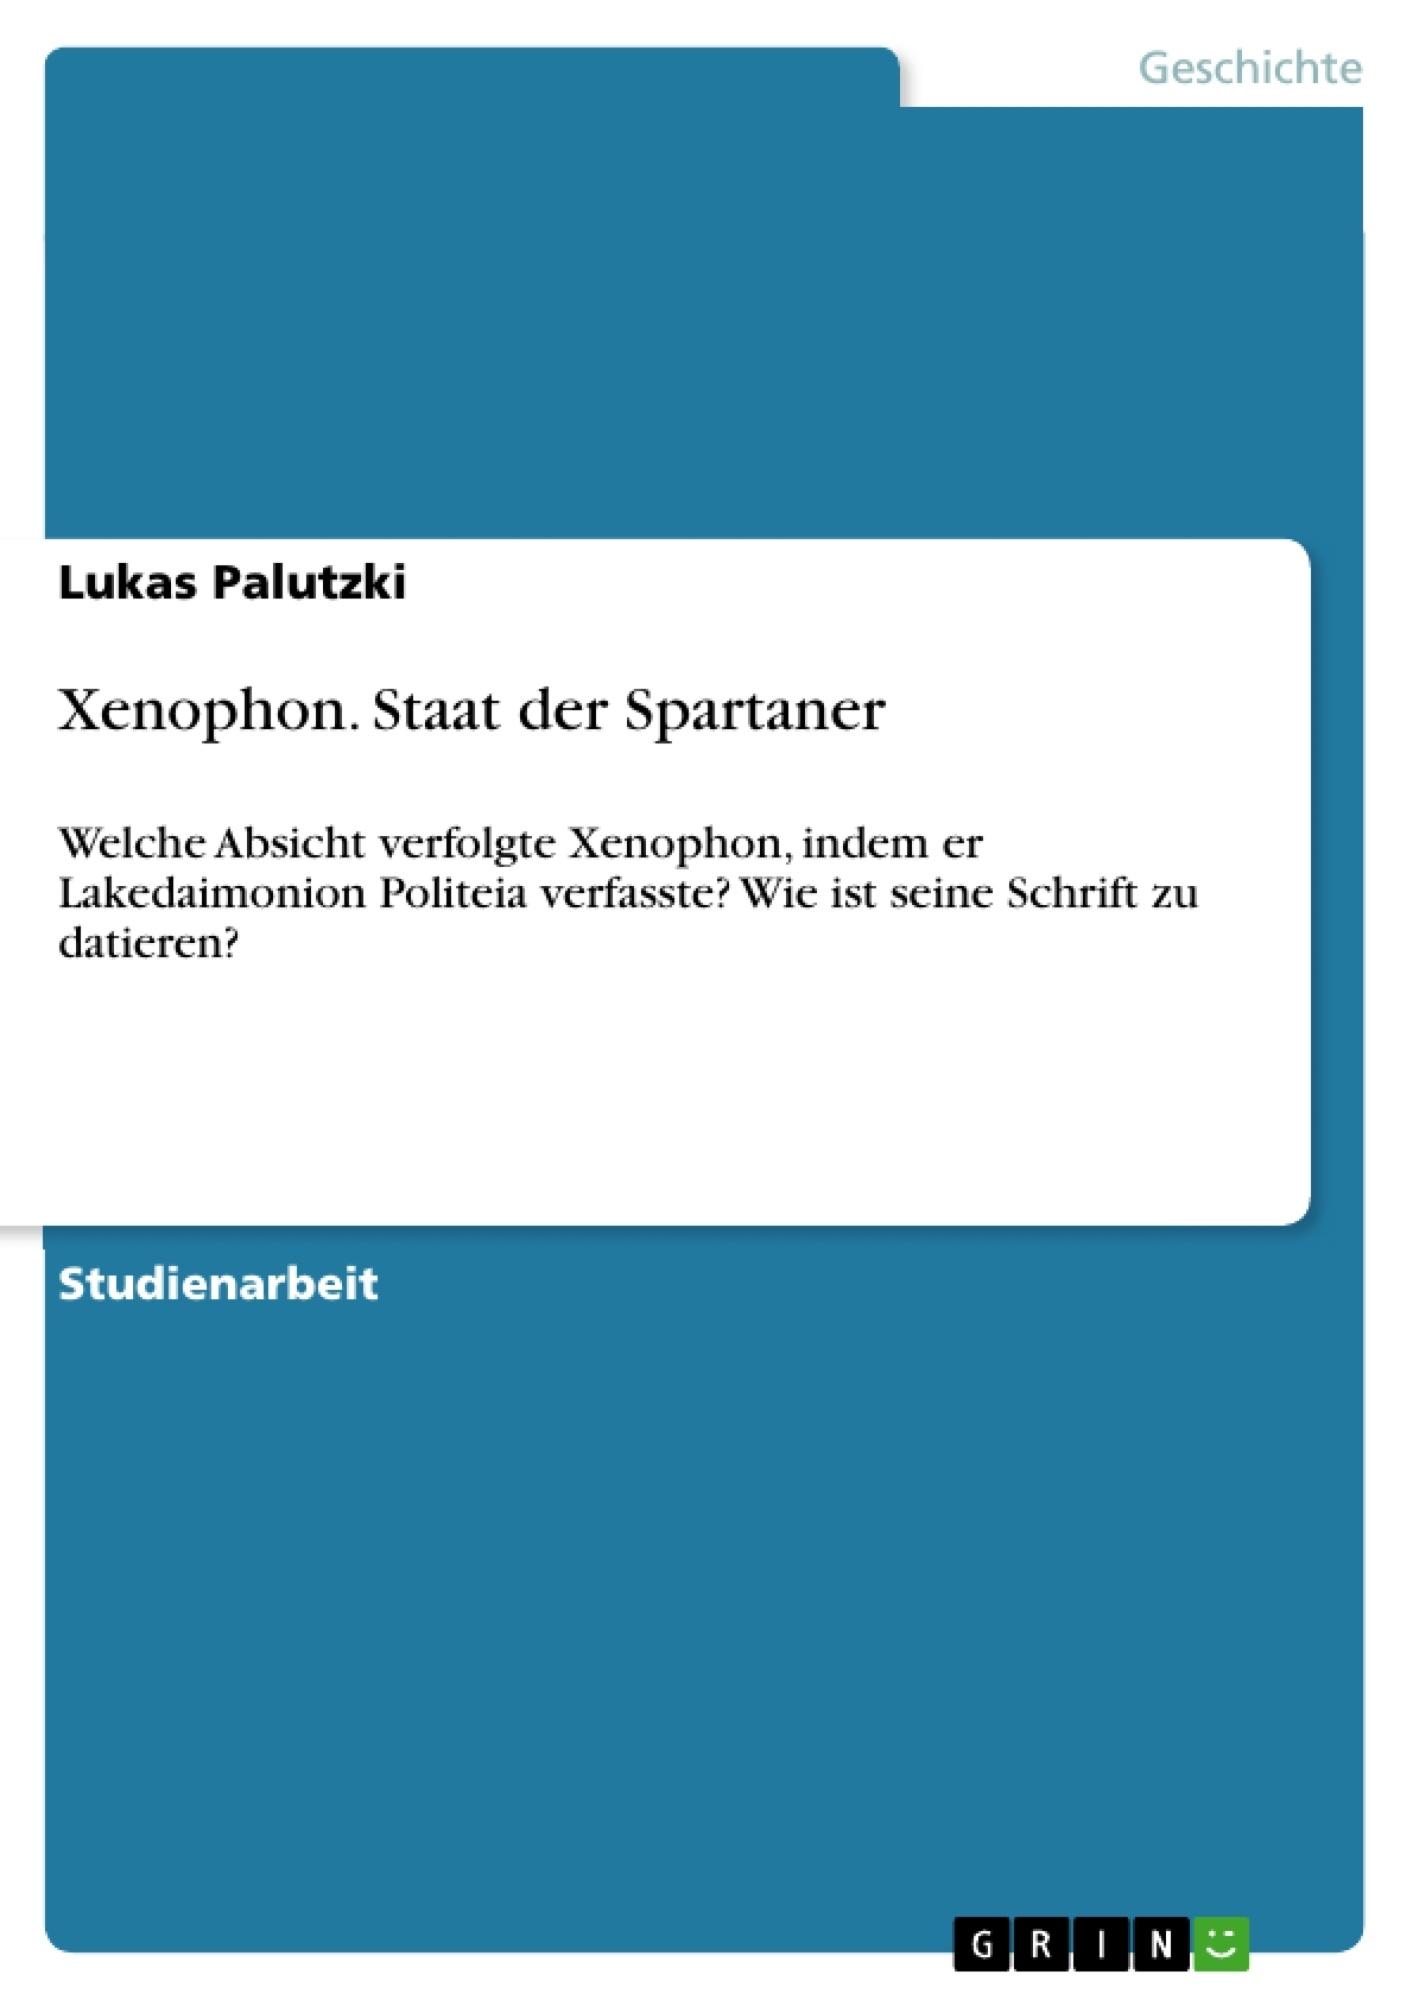 Titel: Xenophon. Staat der Spartaner